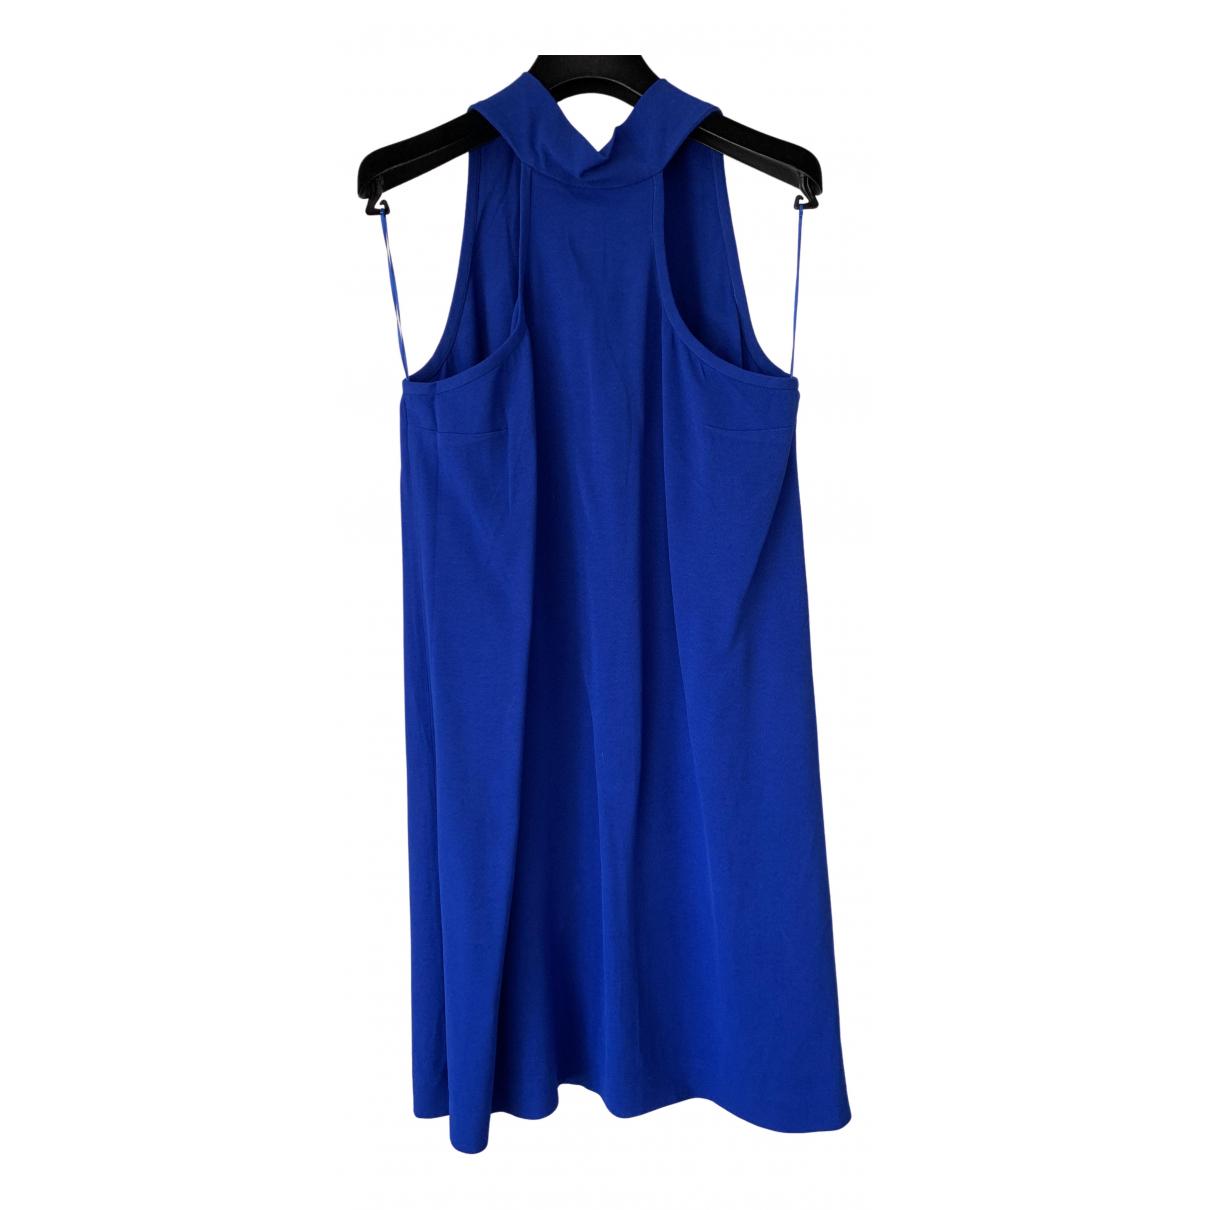 Stella Mccartney \N Blue dress for Women 42 IT